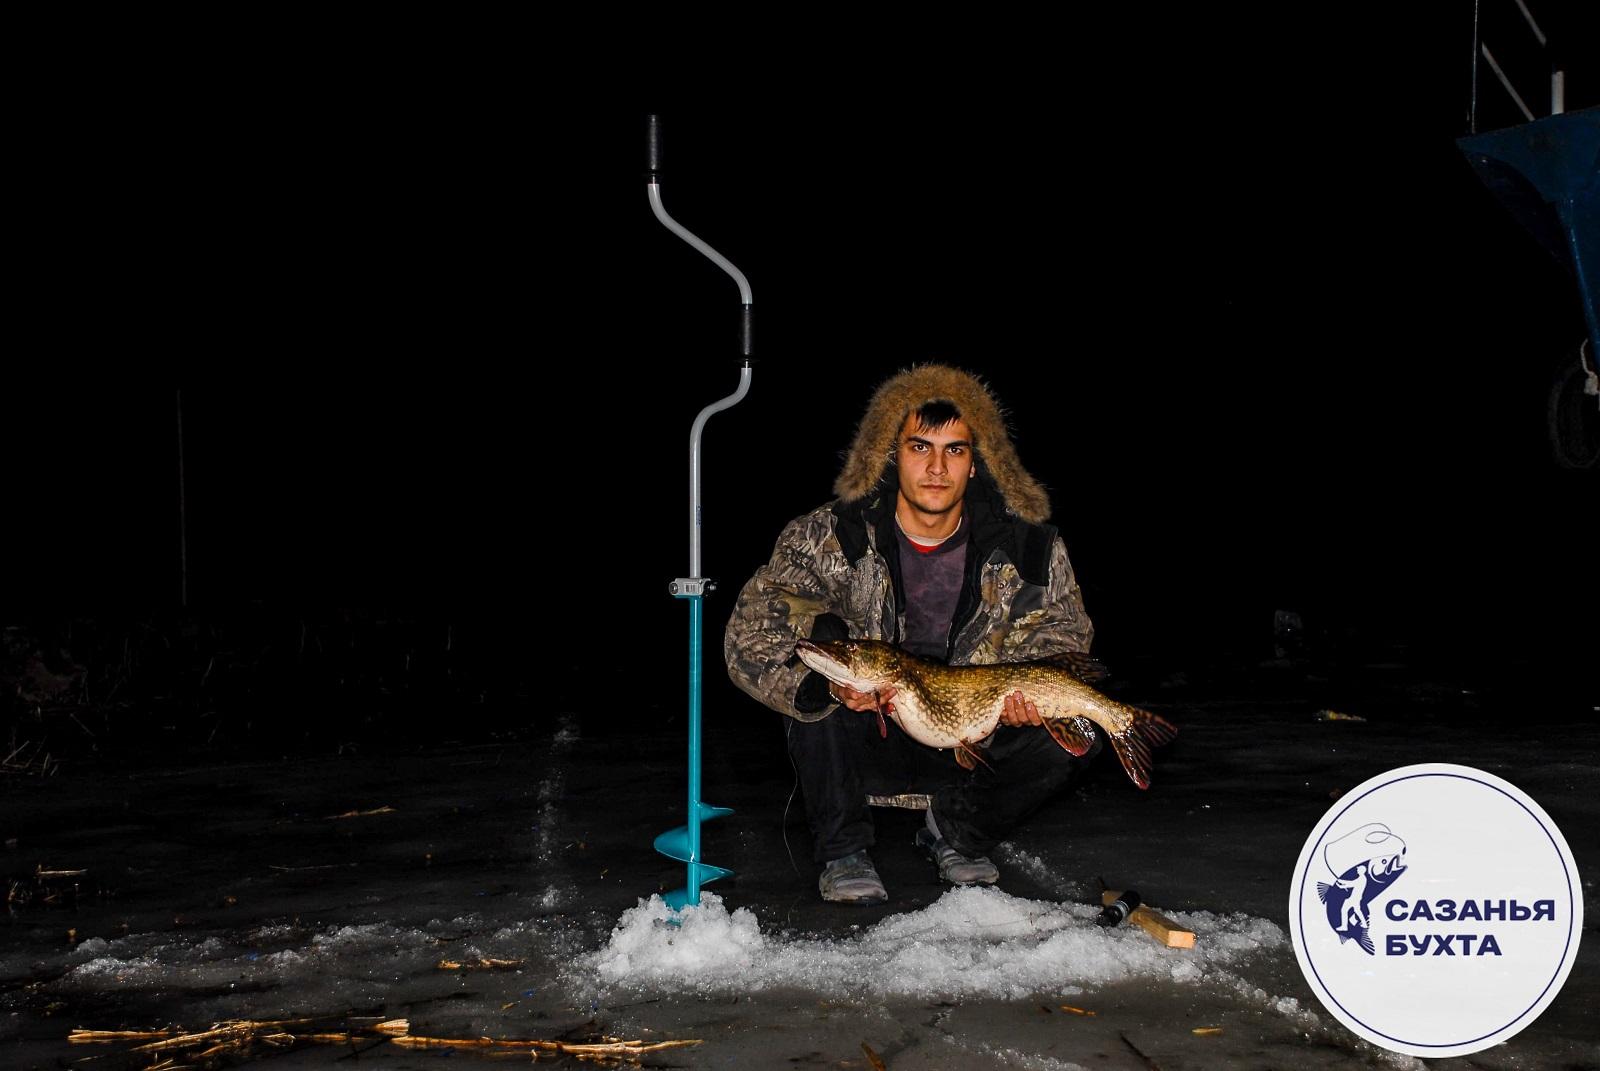 Ловля щуки зимой ночью